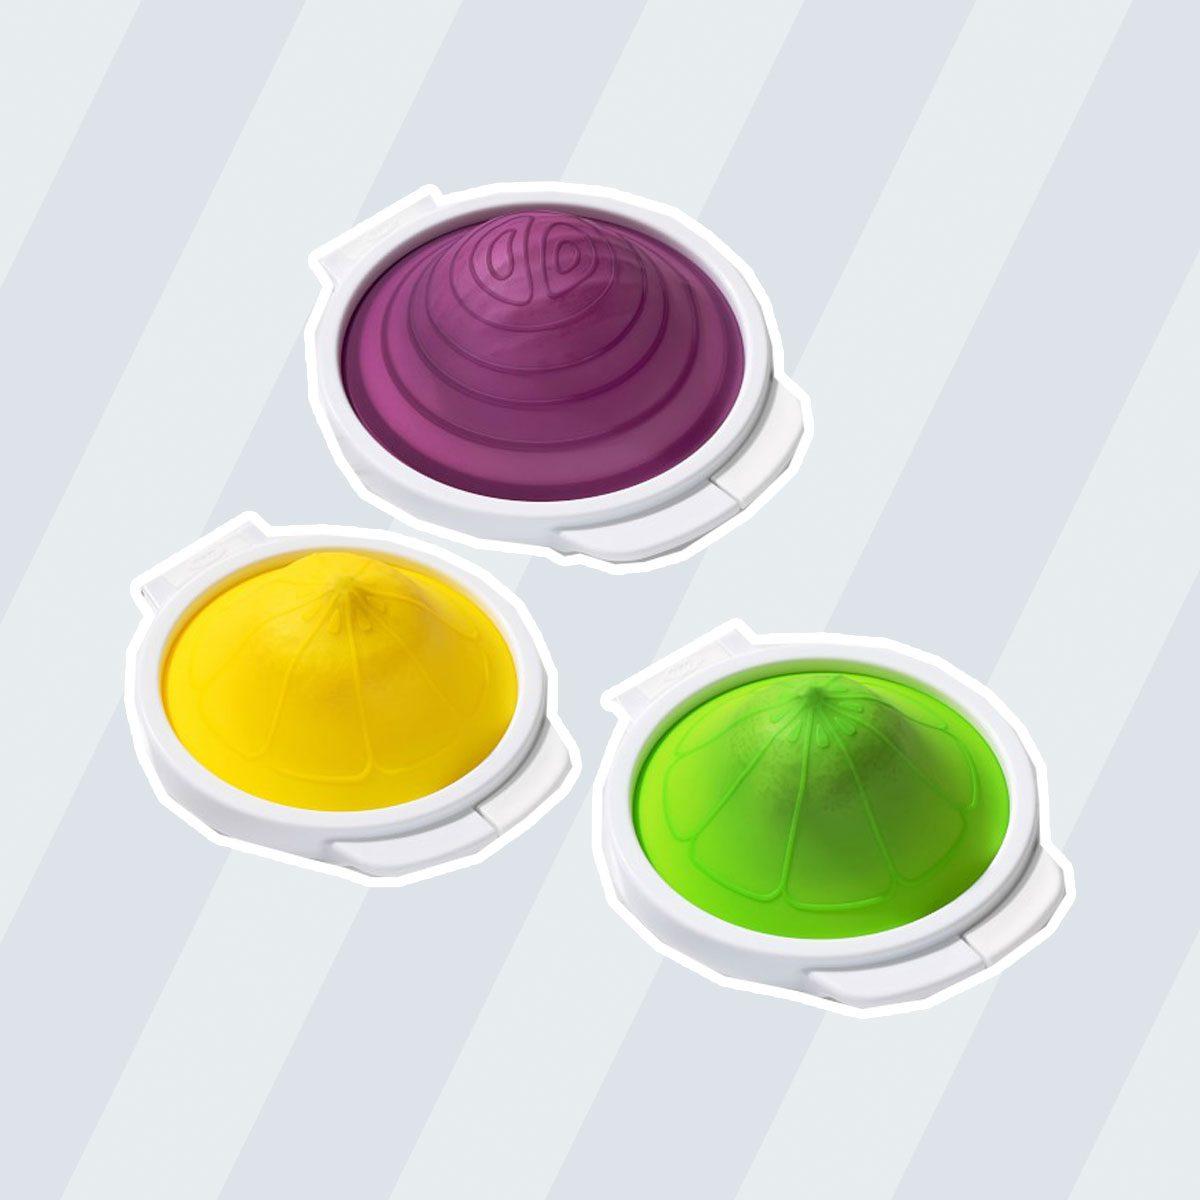 OXO Food Saver Ultimate Set